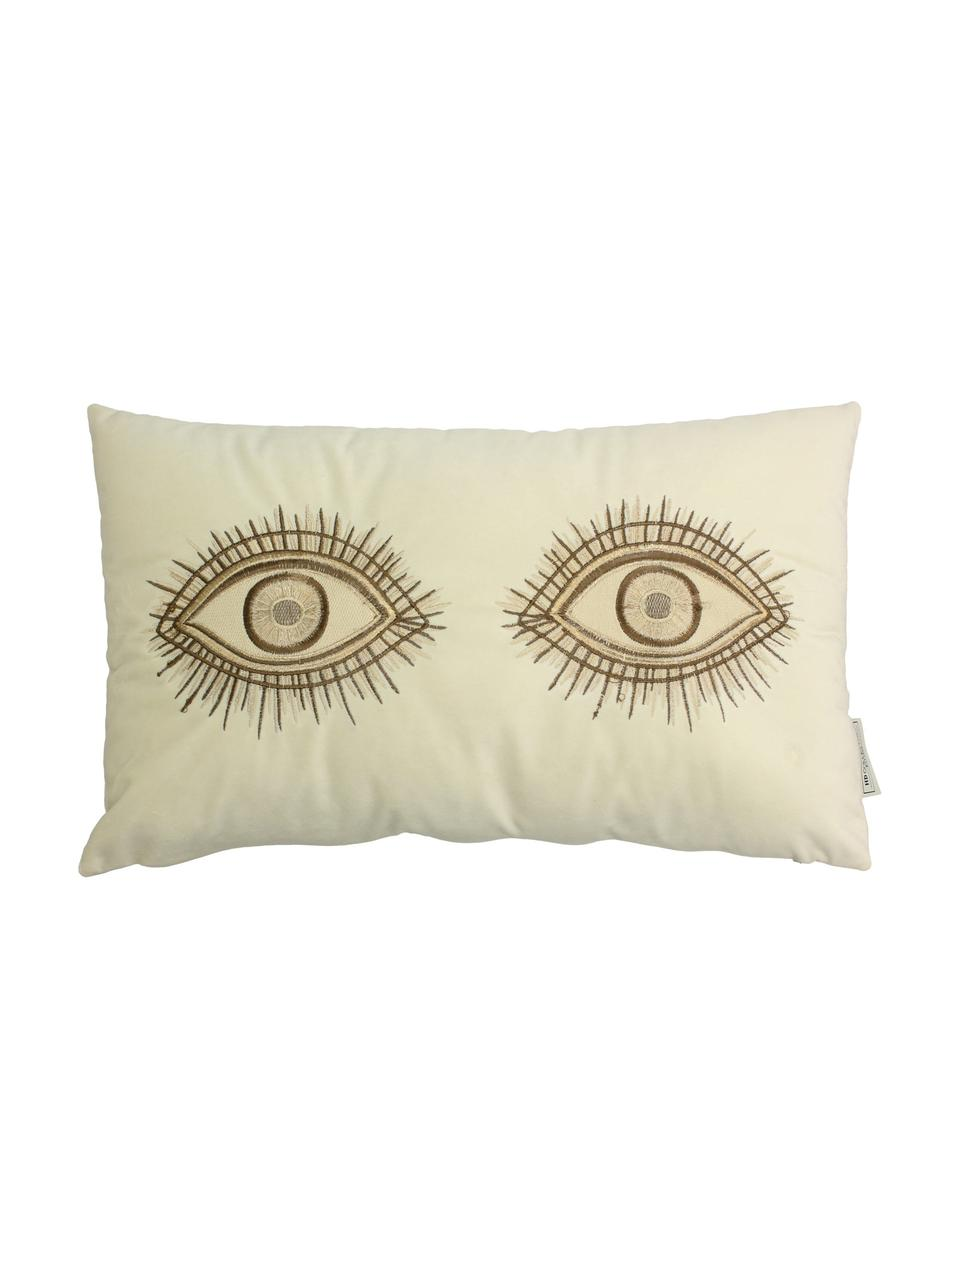 Samt-Kissen Eyes mit Stickerei, mit Inlett, 100% Samt, Elfenbein, Braun, 30 x 50 cm